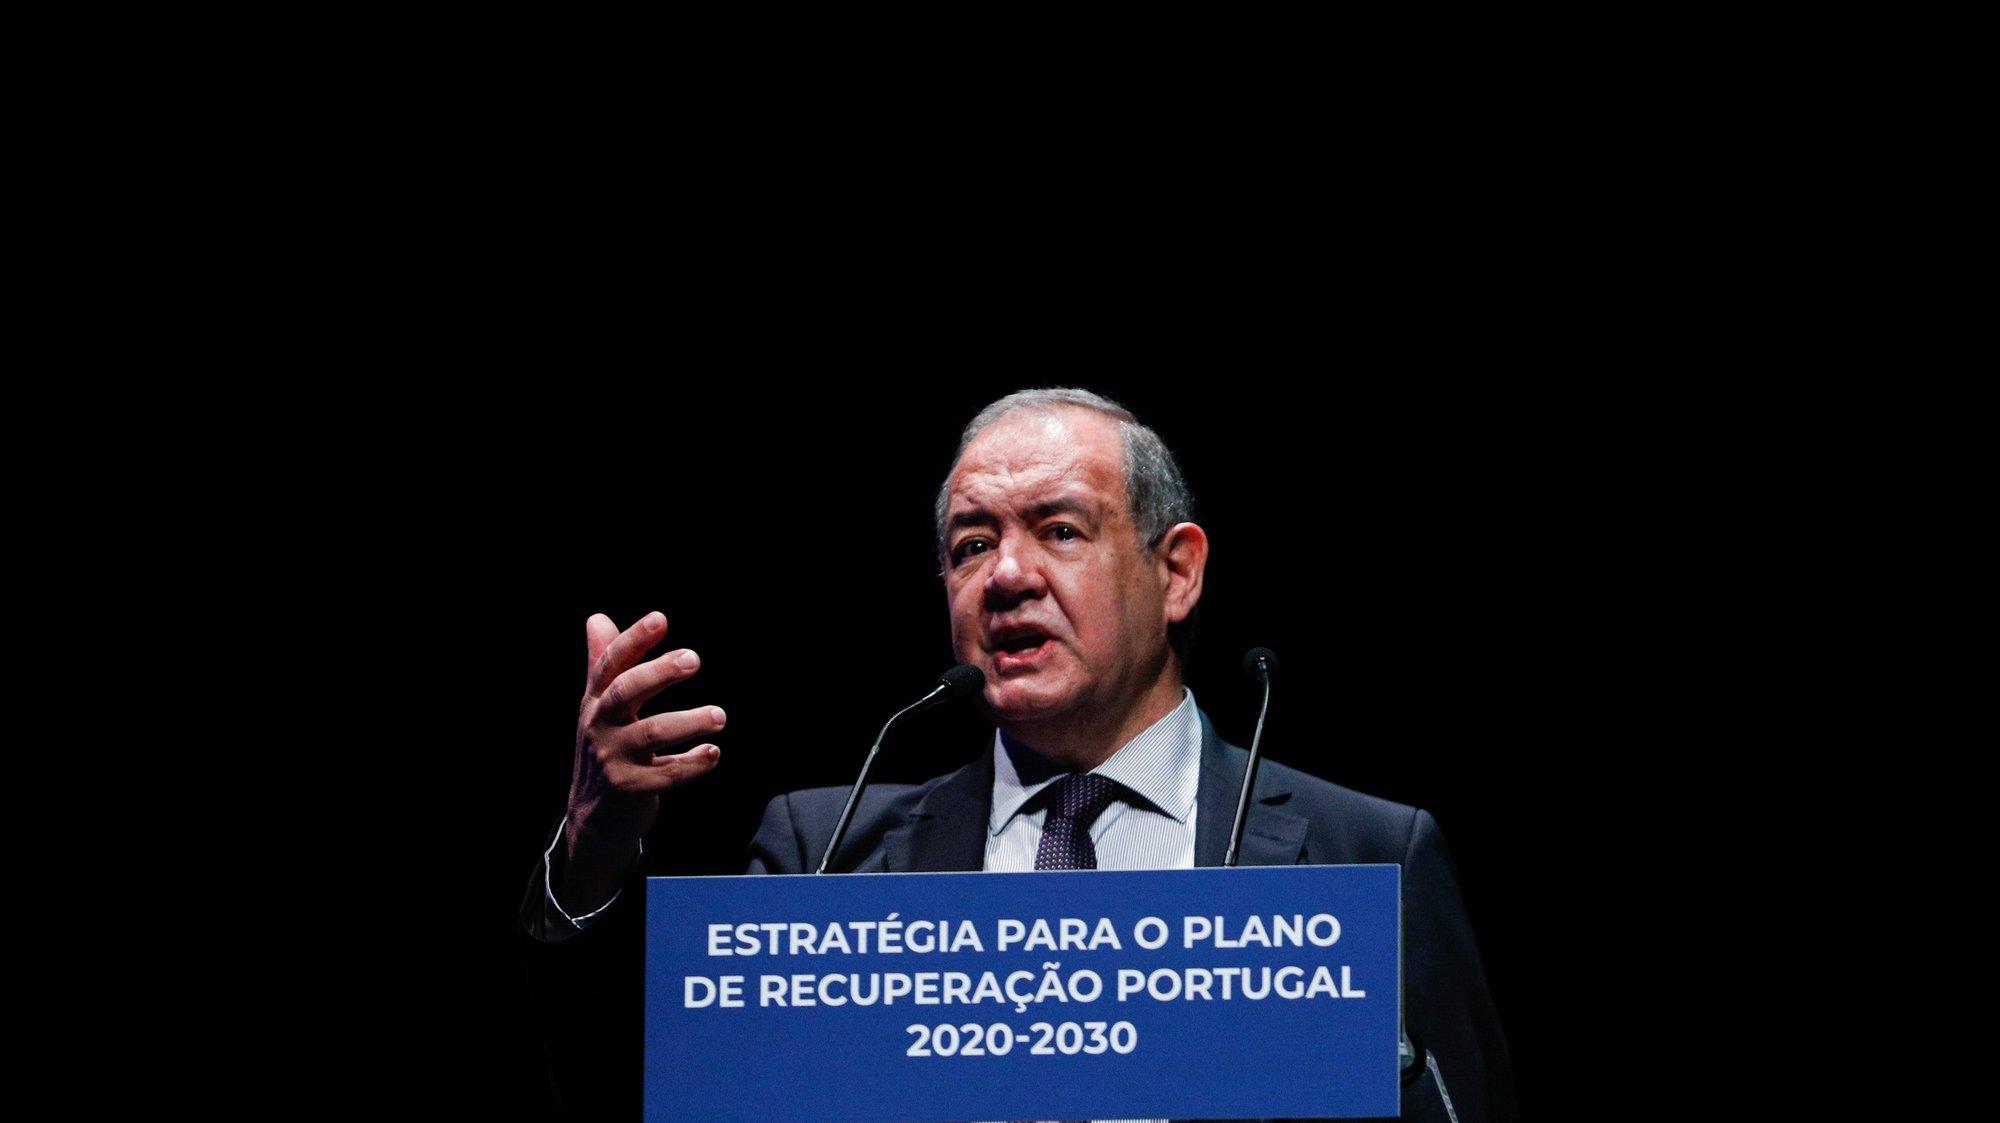 O gestor e académico, António Costa e Silva.intervem durante a sessão de apresentação da versão final do Plano de Recuperação Económica até 2030  realizada na Fundação Calouste Gulbenkian, em Lisboa, 15 de setembro de 2020. ANTÓNIO COTRIM/LUSA